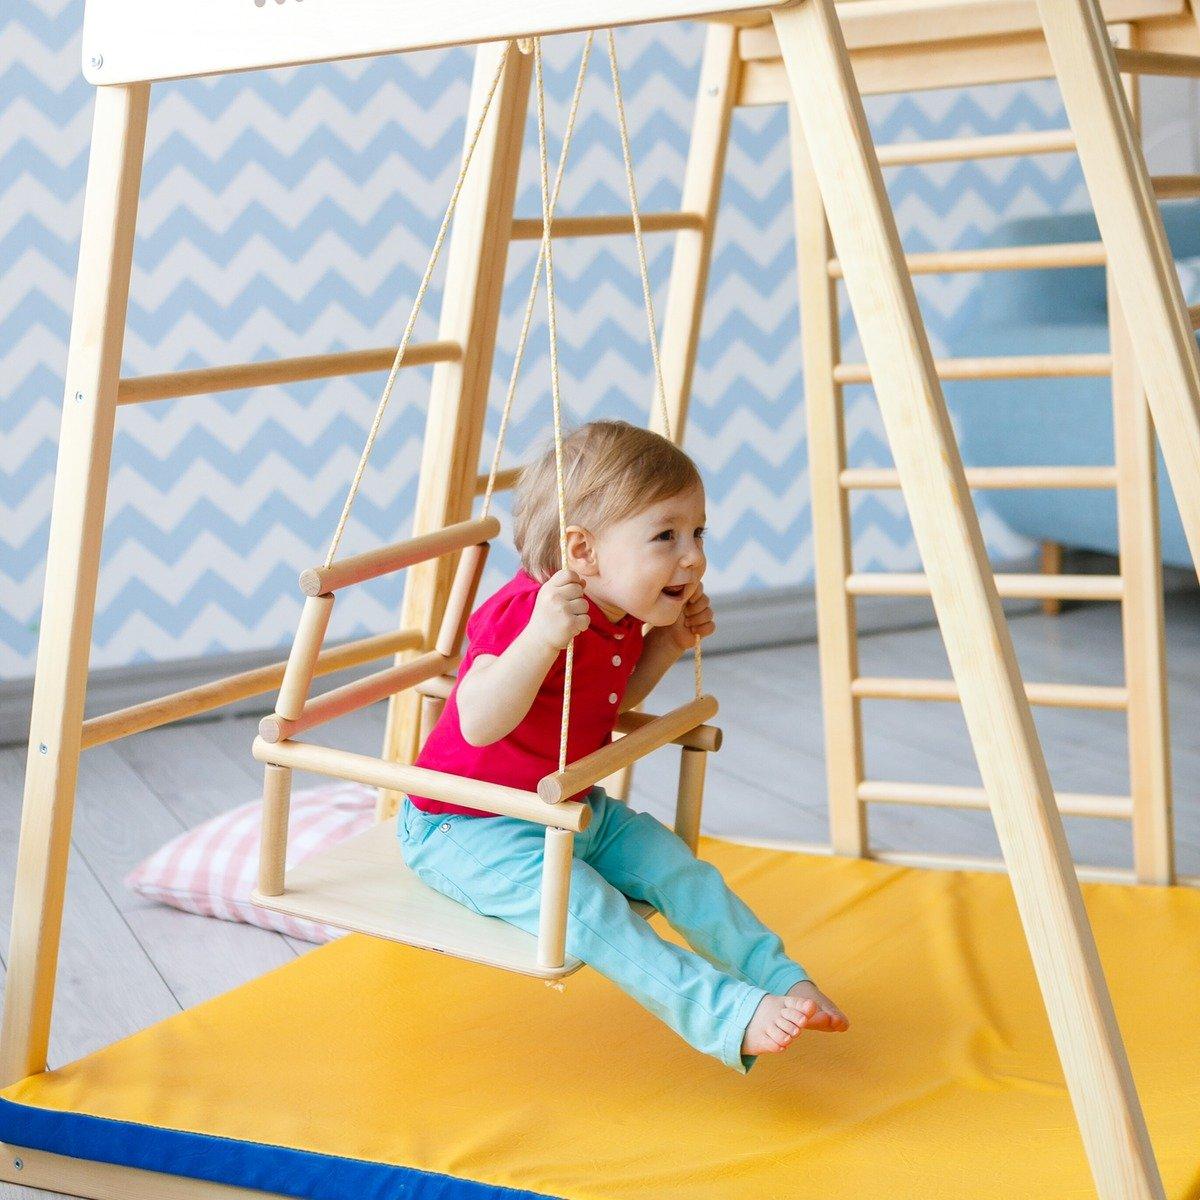 Full Size of Klettergerüst Indoor Diy Klettergerst Kinderzimmer Kidwood Rakete Junior Set Garten Wohnzimmer Klettergerüst Indoor Diy